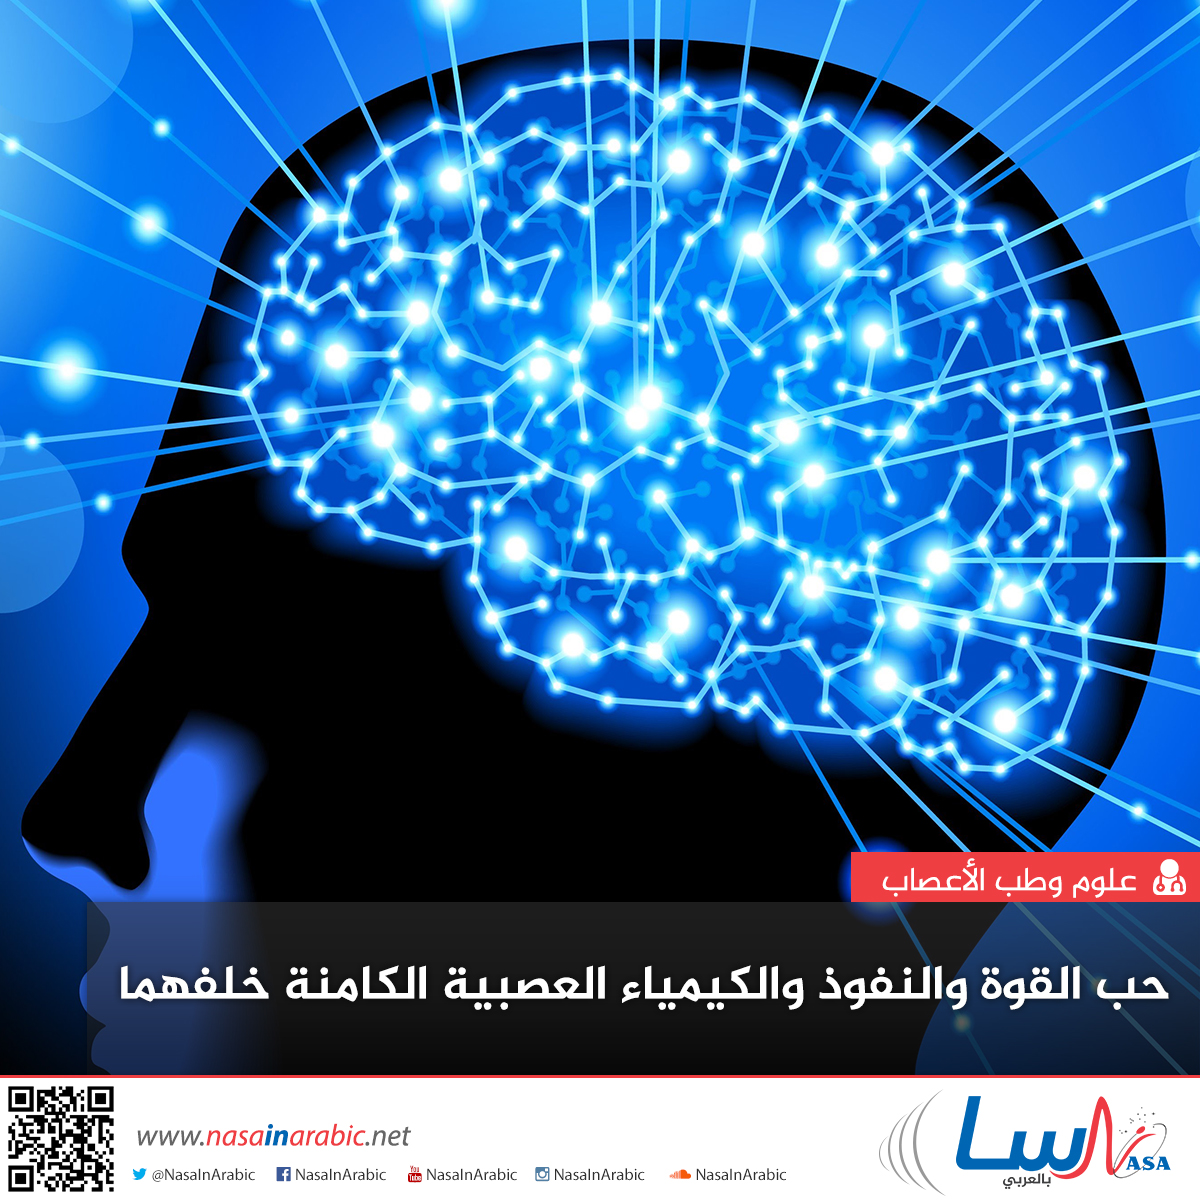 حب القوة والنفوذ والكيمياء العصبية الكامنة خلفهما